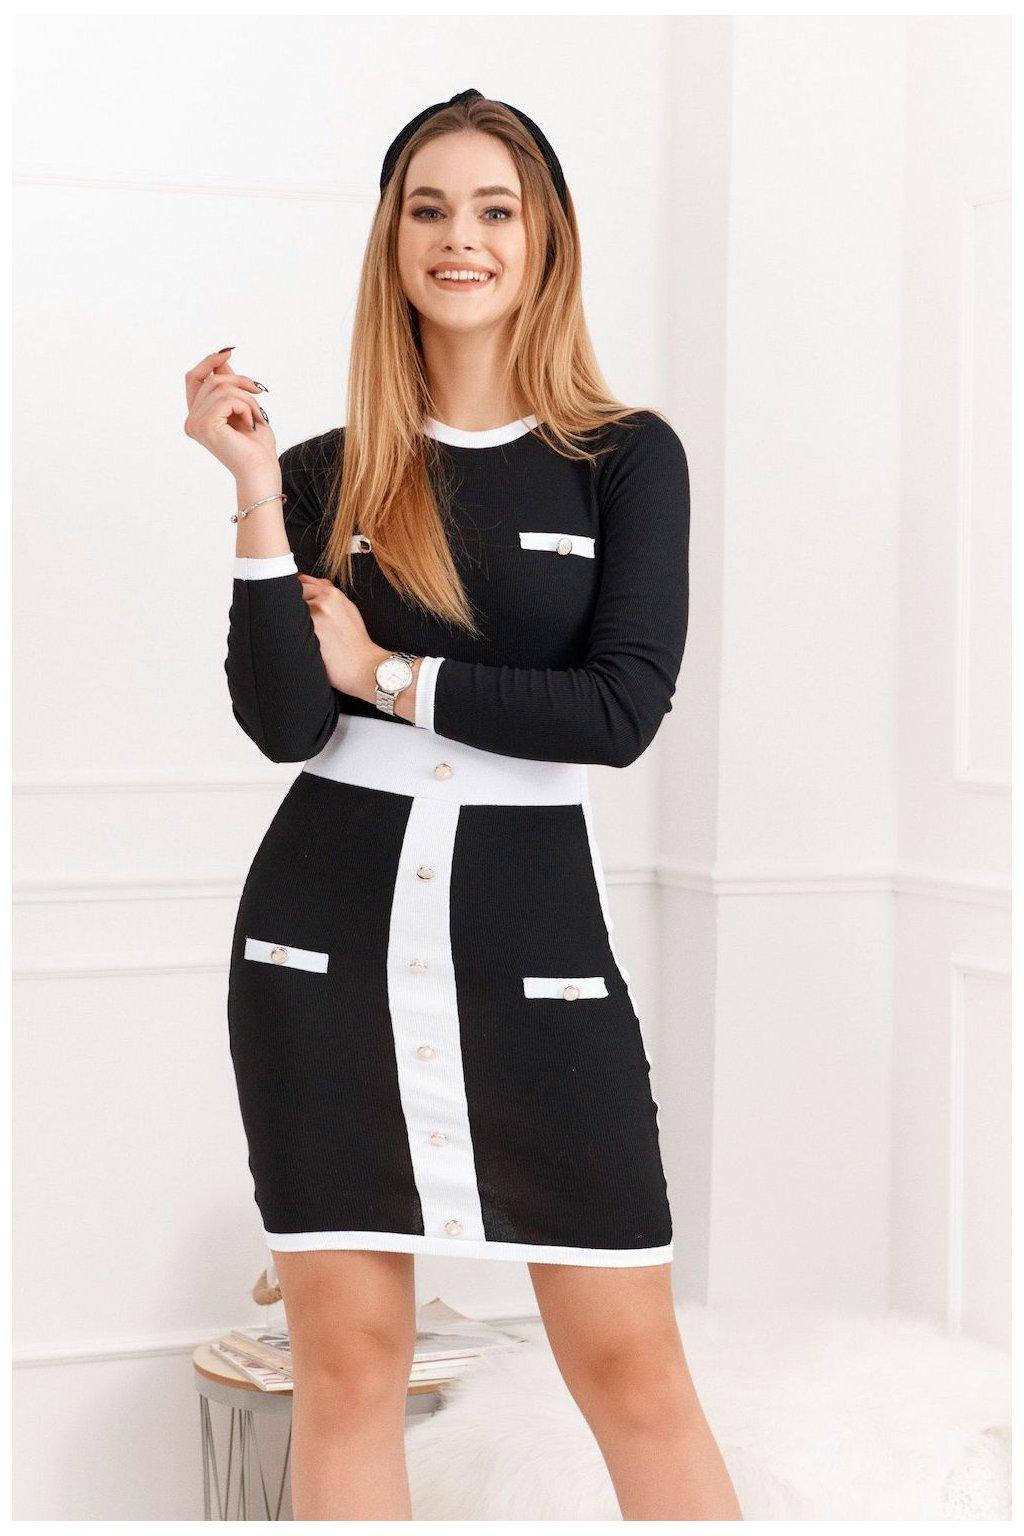 Šaty Fasardi s knoflíky černé